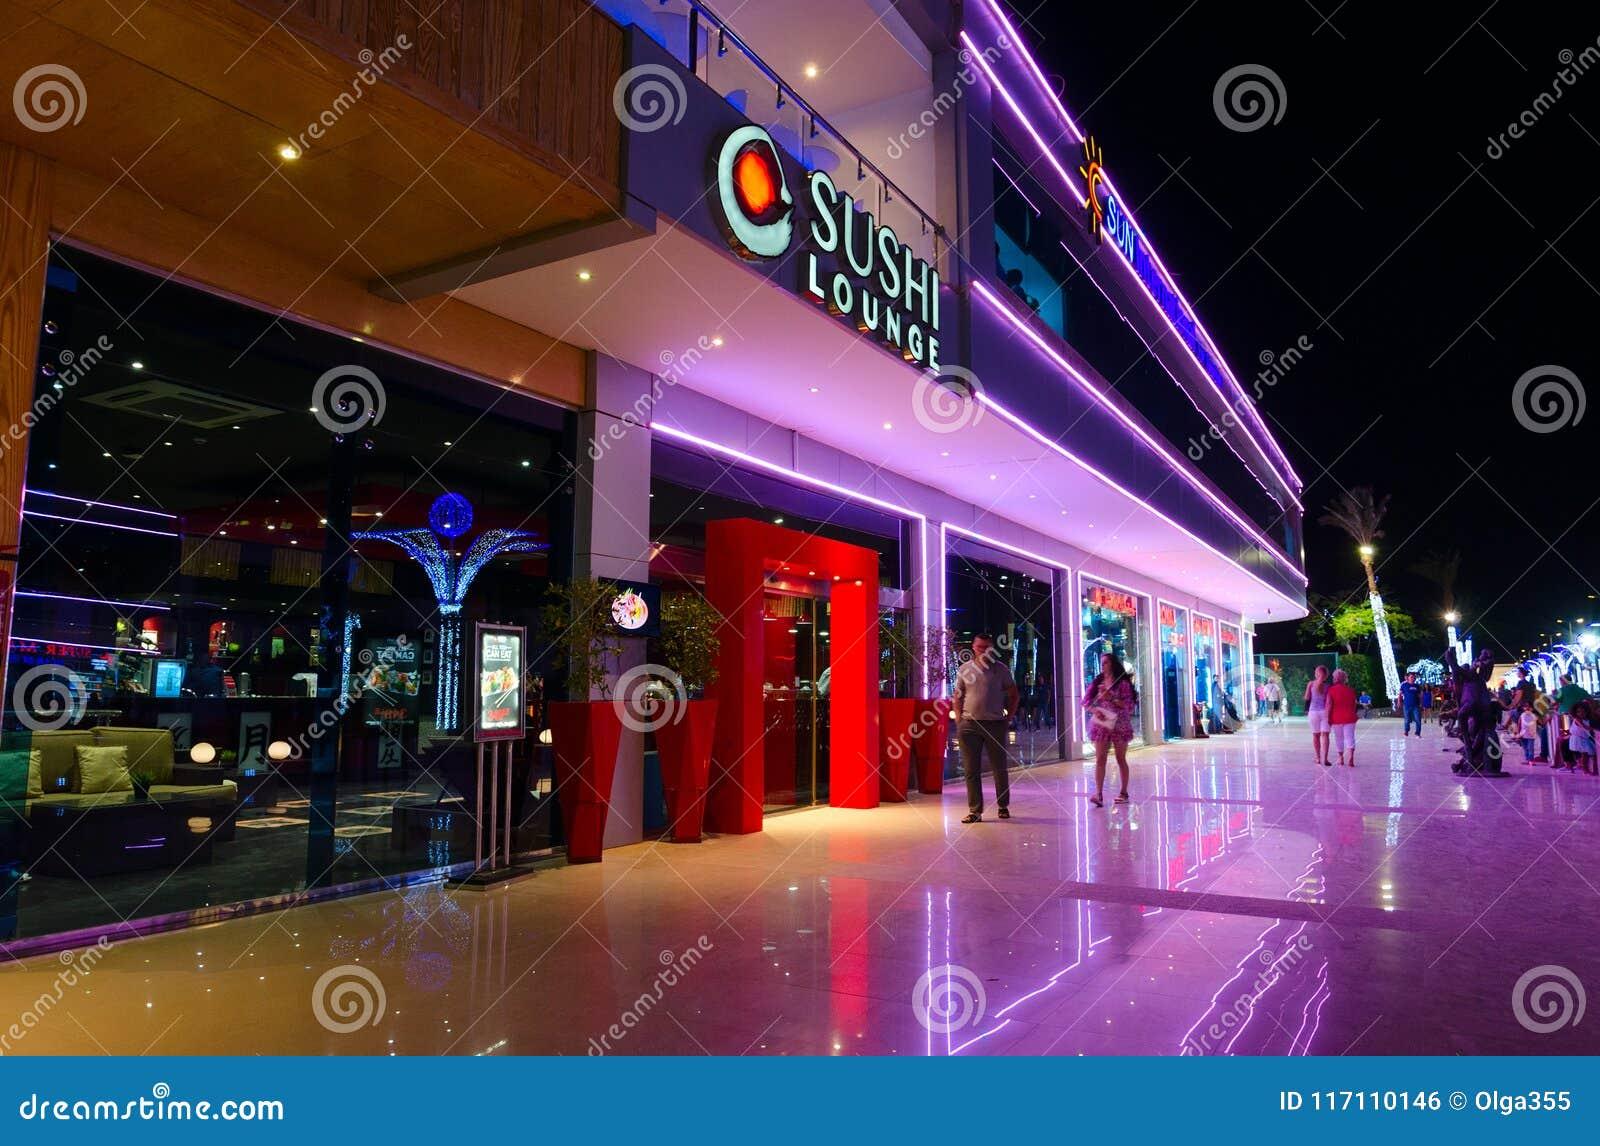 Sushi-Aufenthaltsraum im populären Einkaufs- und Unterhaltungsbezirk von Soho quadrieren am Abend, Sharm el Sheikh, Ägypten